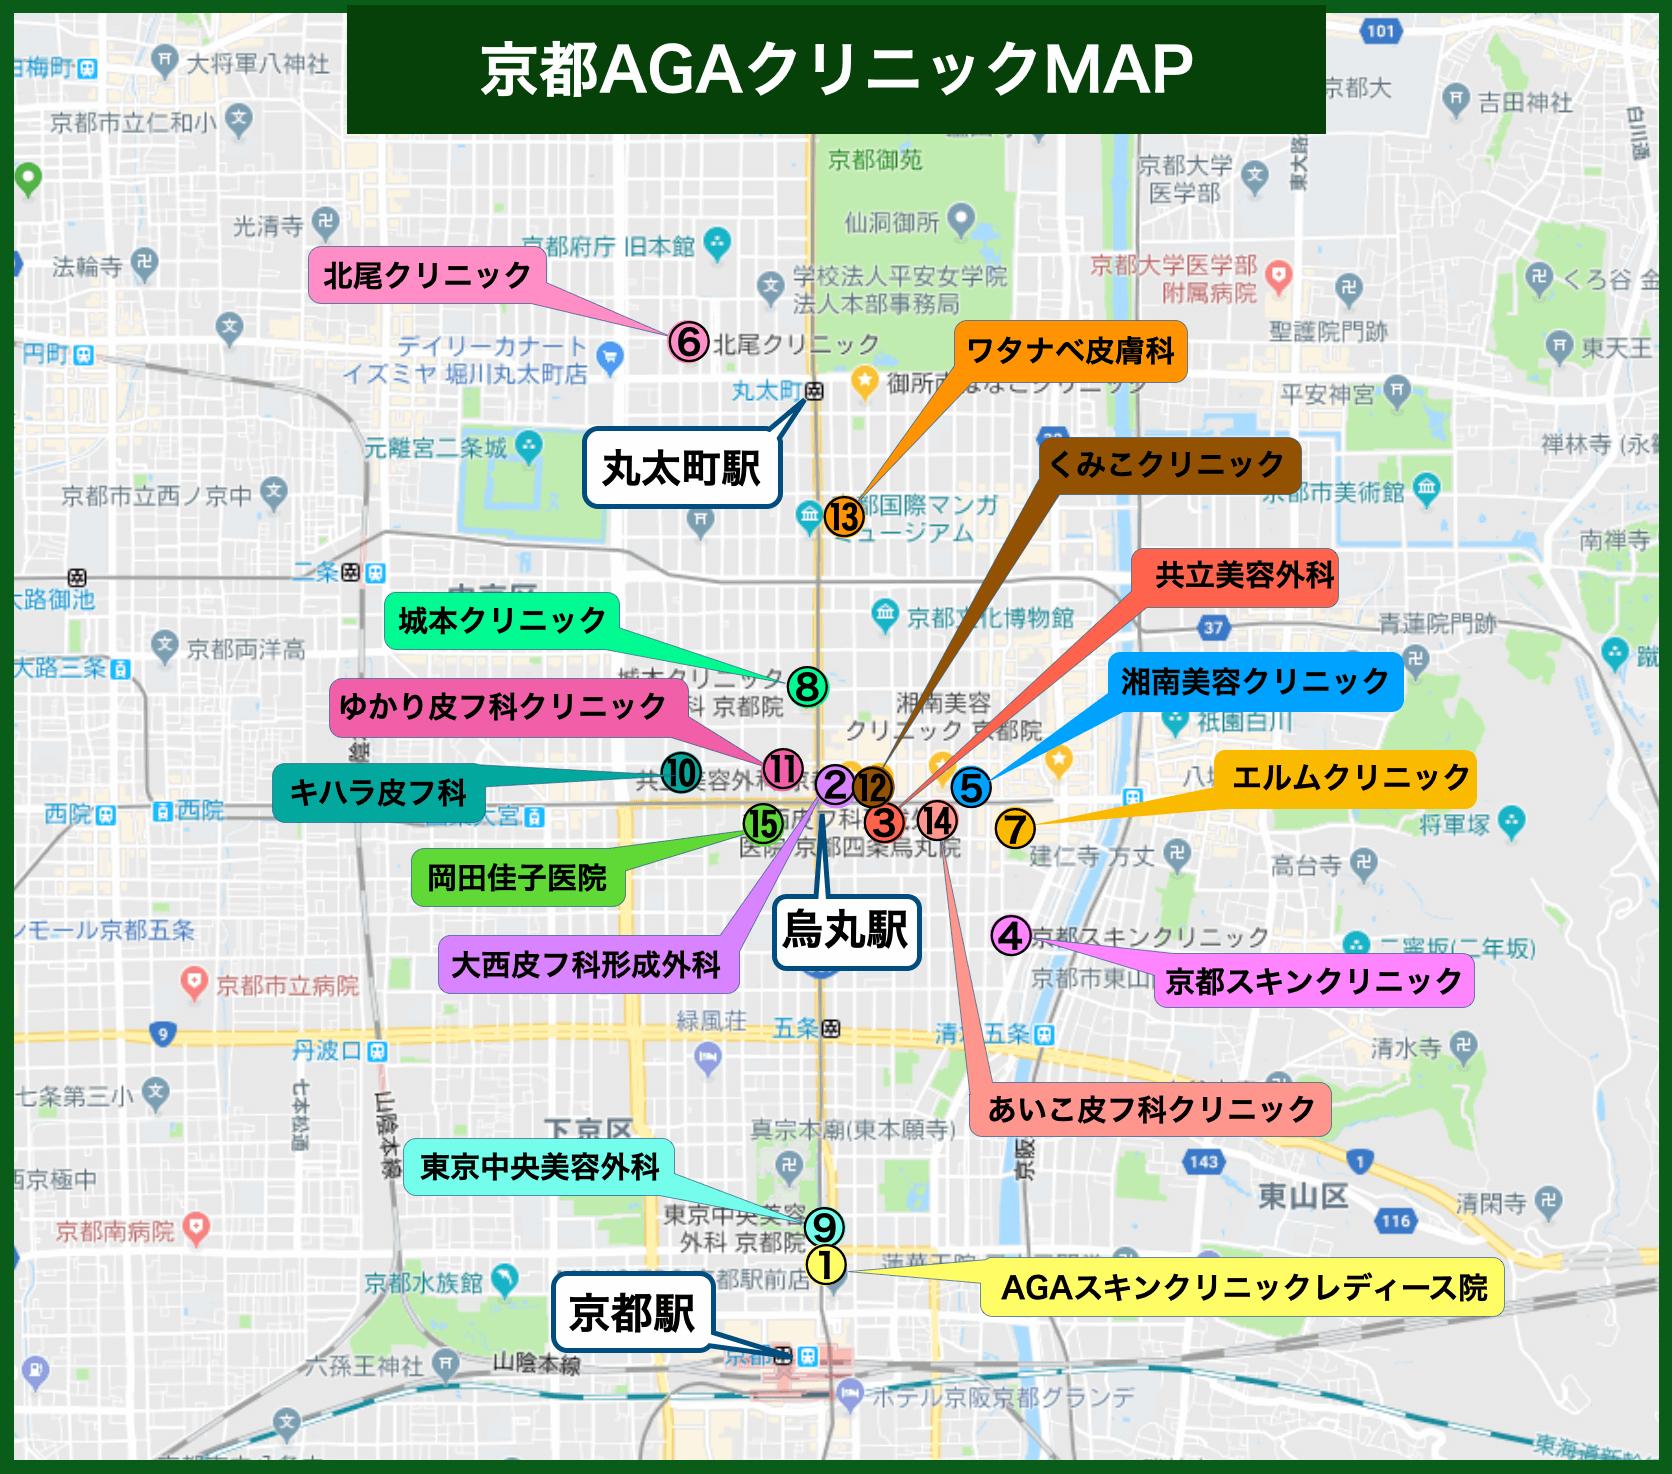 京都 AGAクリニックMAP